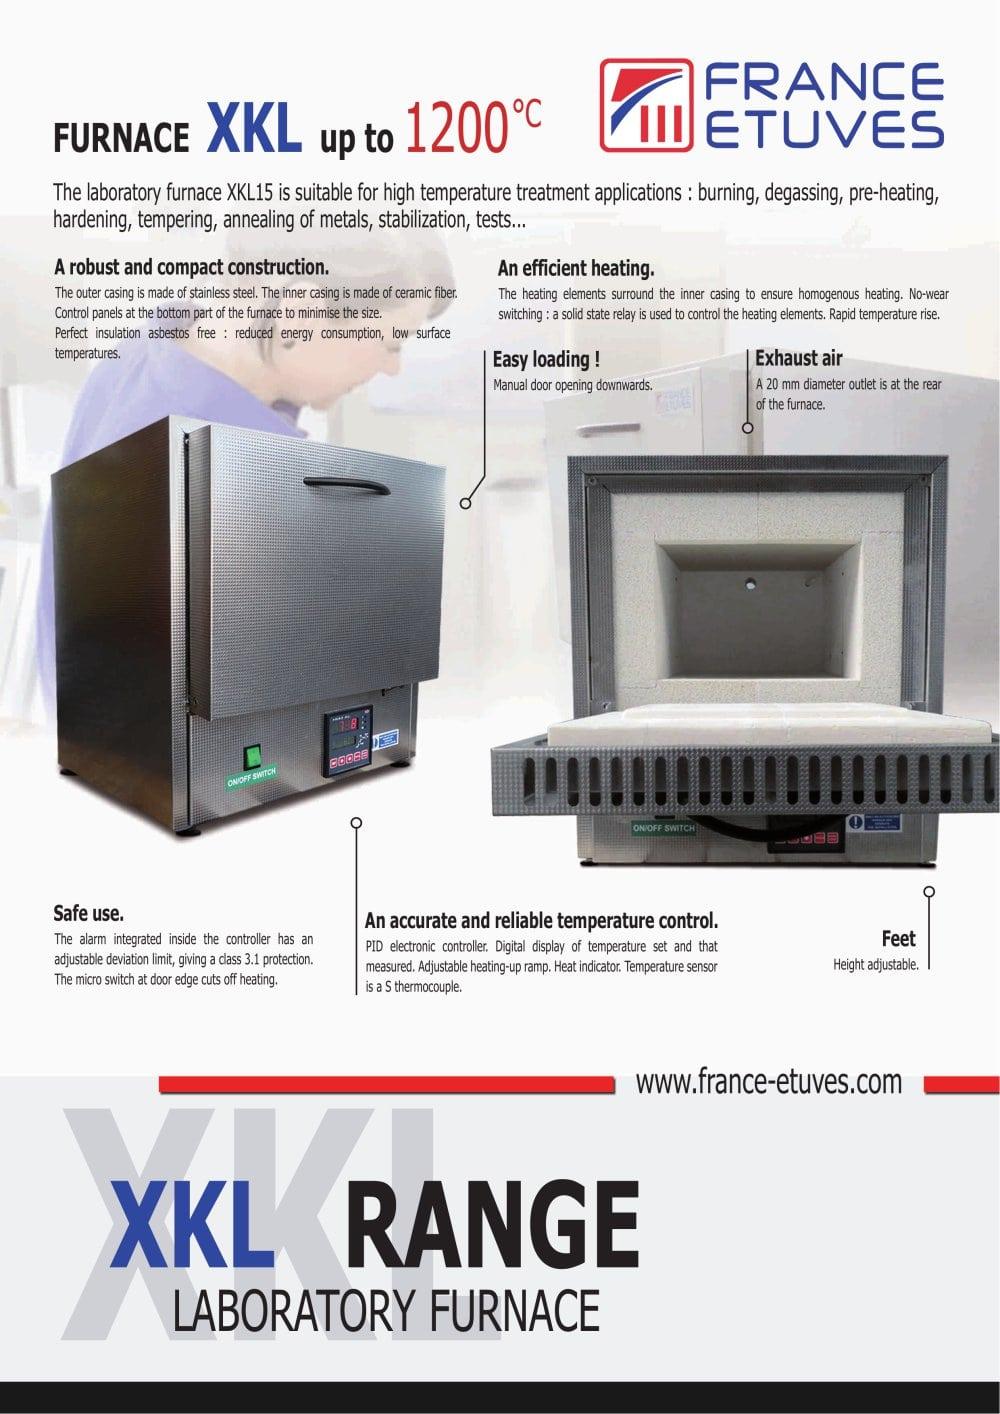 Xkl Four De Laboratoire France Etuves Pdf Catalogue Solid State Relay Outlet 1 2 Pages